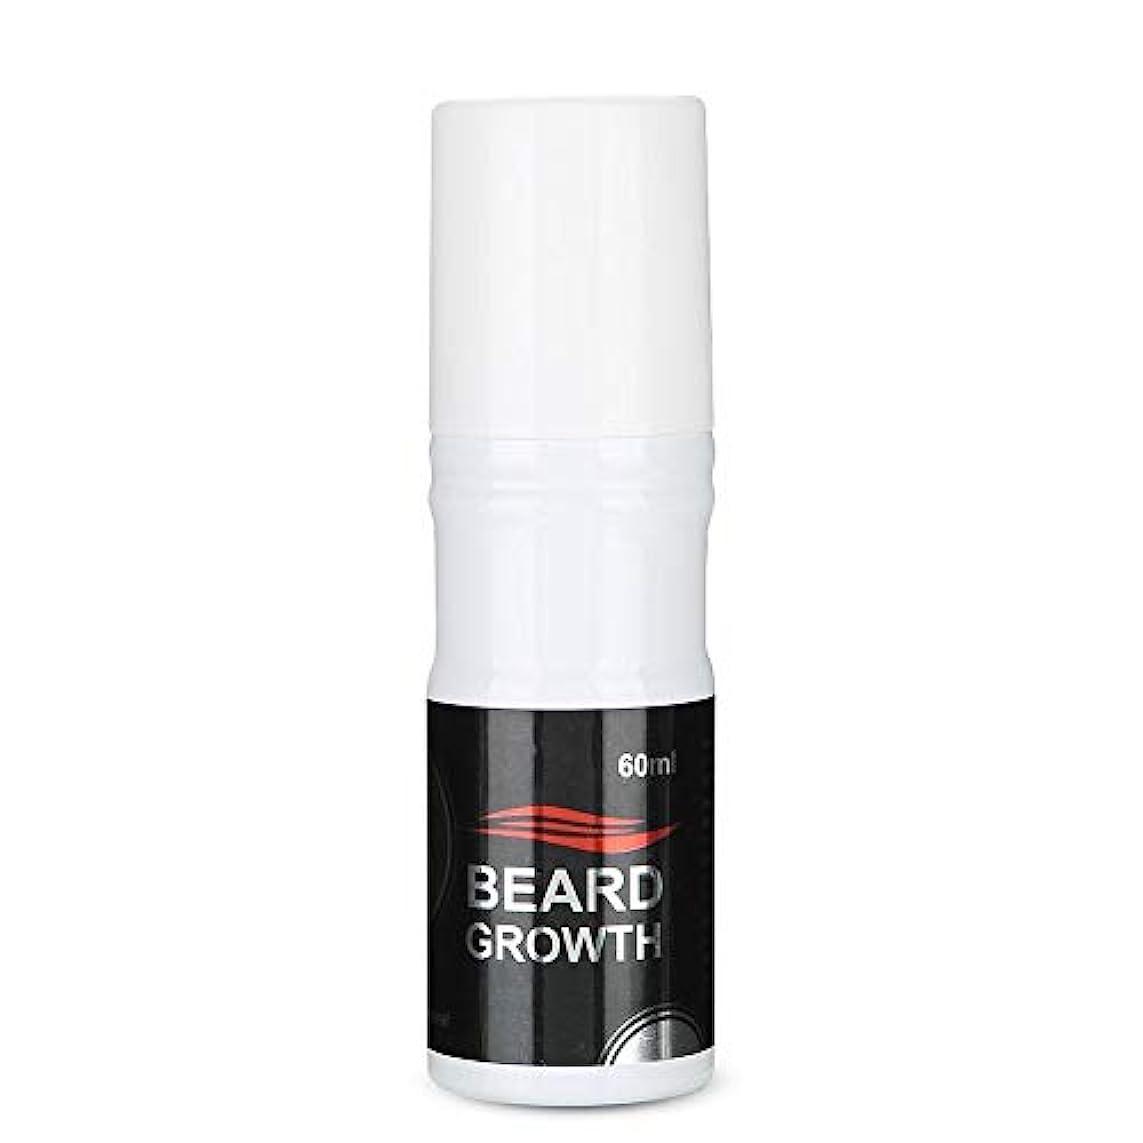 オークランド平手打ち課税Semme 60ml男性のひげの成長のスプレー、より厚いのための自然で加速するひげの成長オイルの顔の毛の成長Lequidおよびより完全なひげ